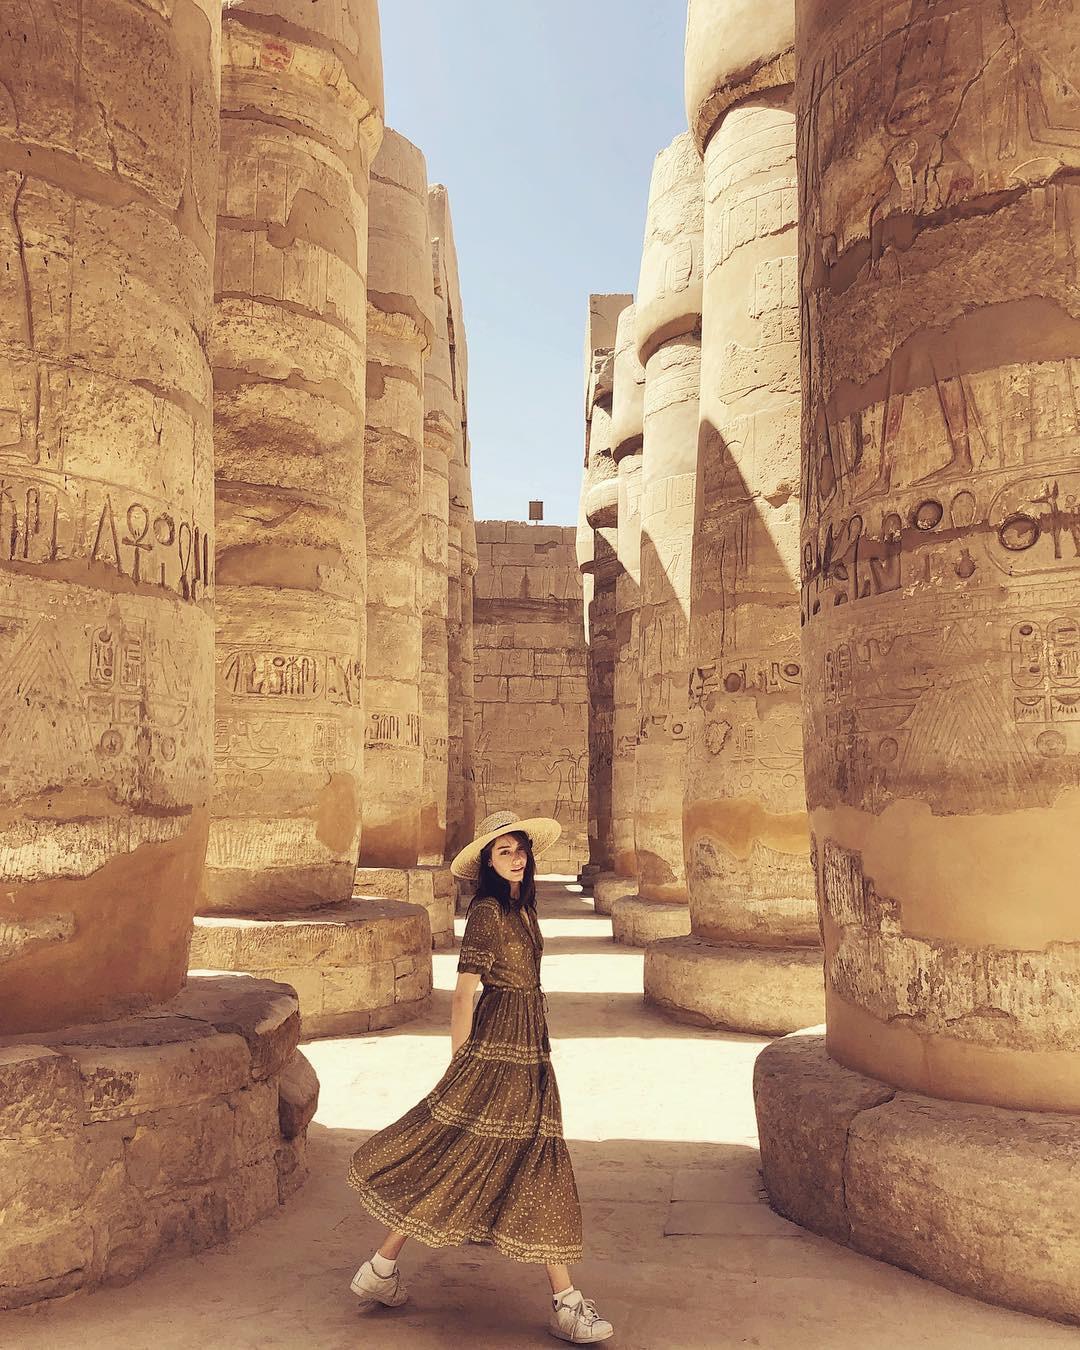 Đền Karnak: Bảo tàng ngoài trời lớn nhất thế giới, khiến giới blogger du lịch mê mẩn khi đặt chân đến Ai Cập - Ảnh 9.